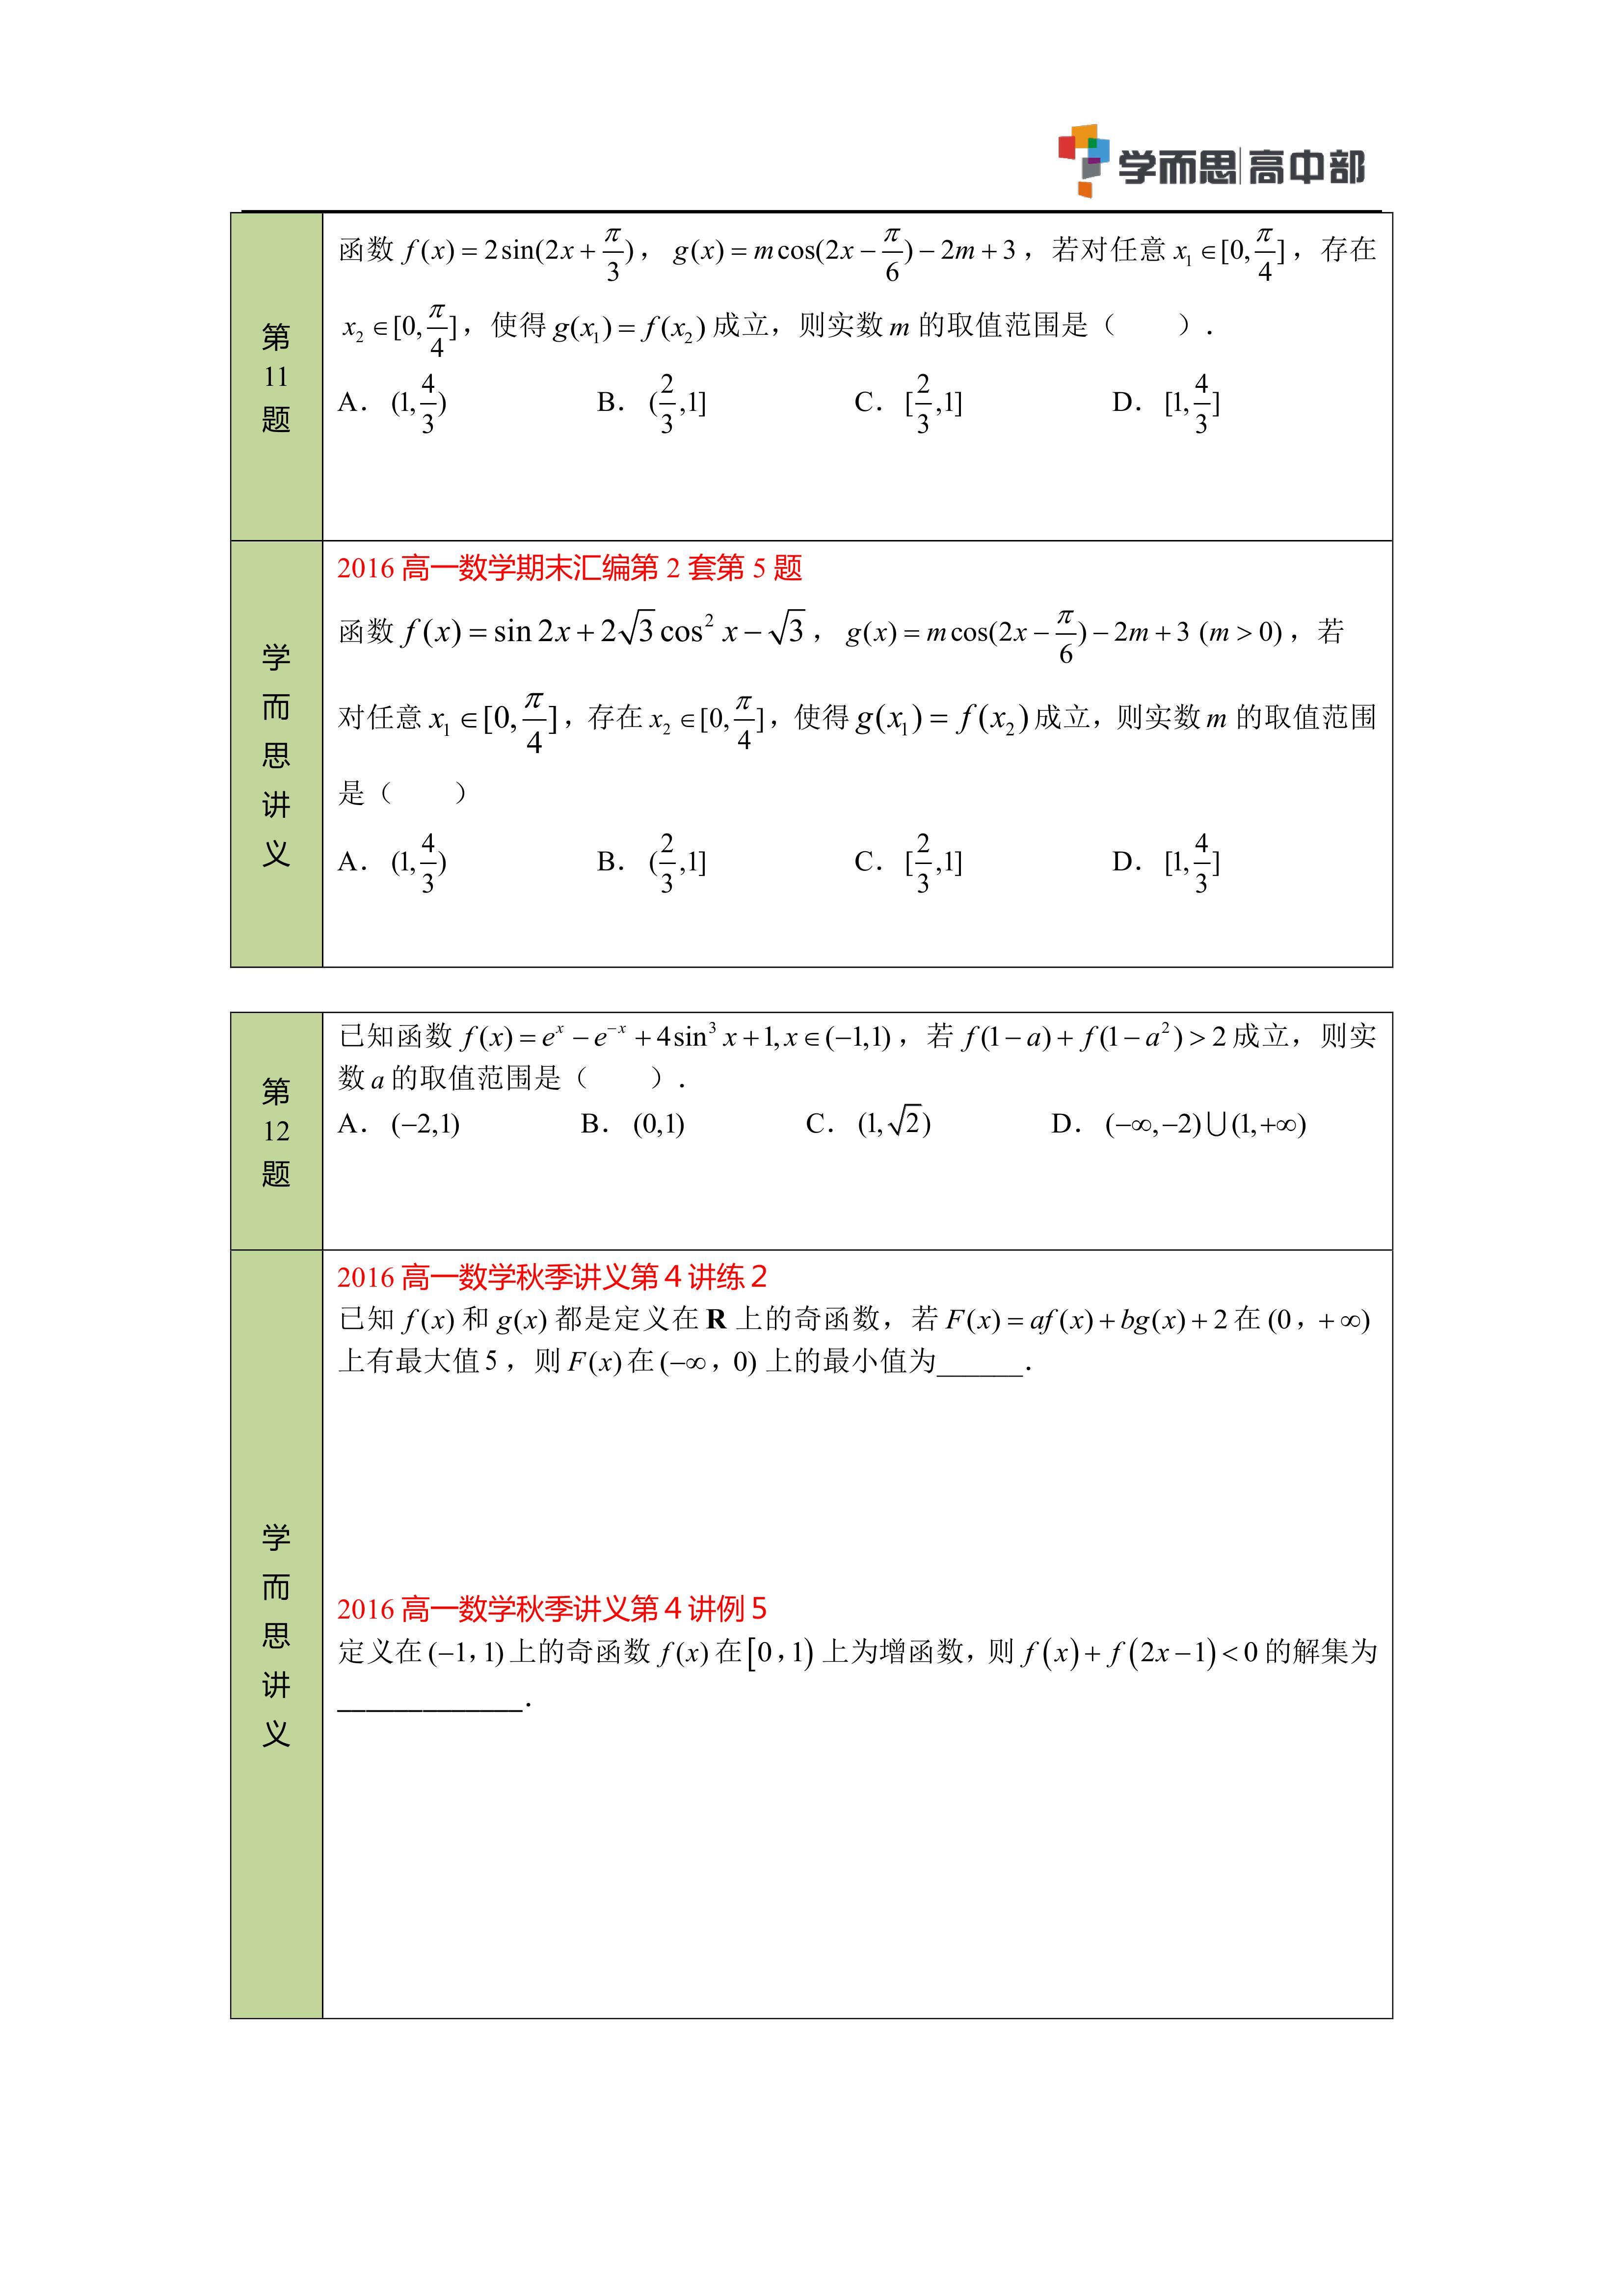 2016-2017学年武汉二中上学期期末数学试卷剖析0003.jpg